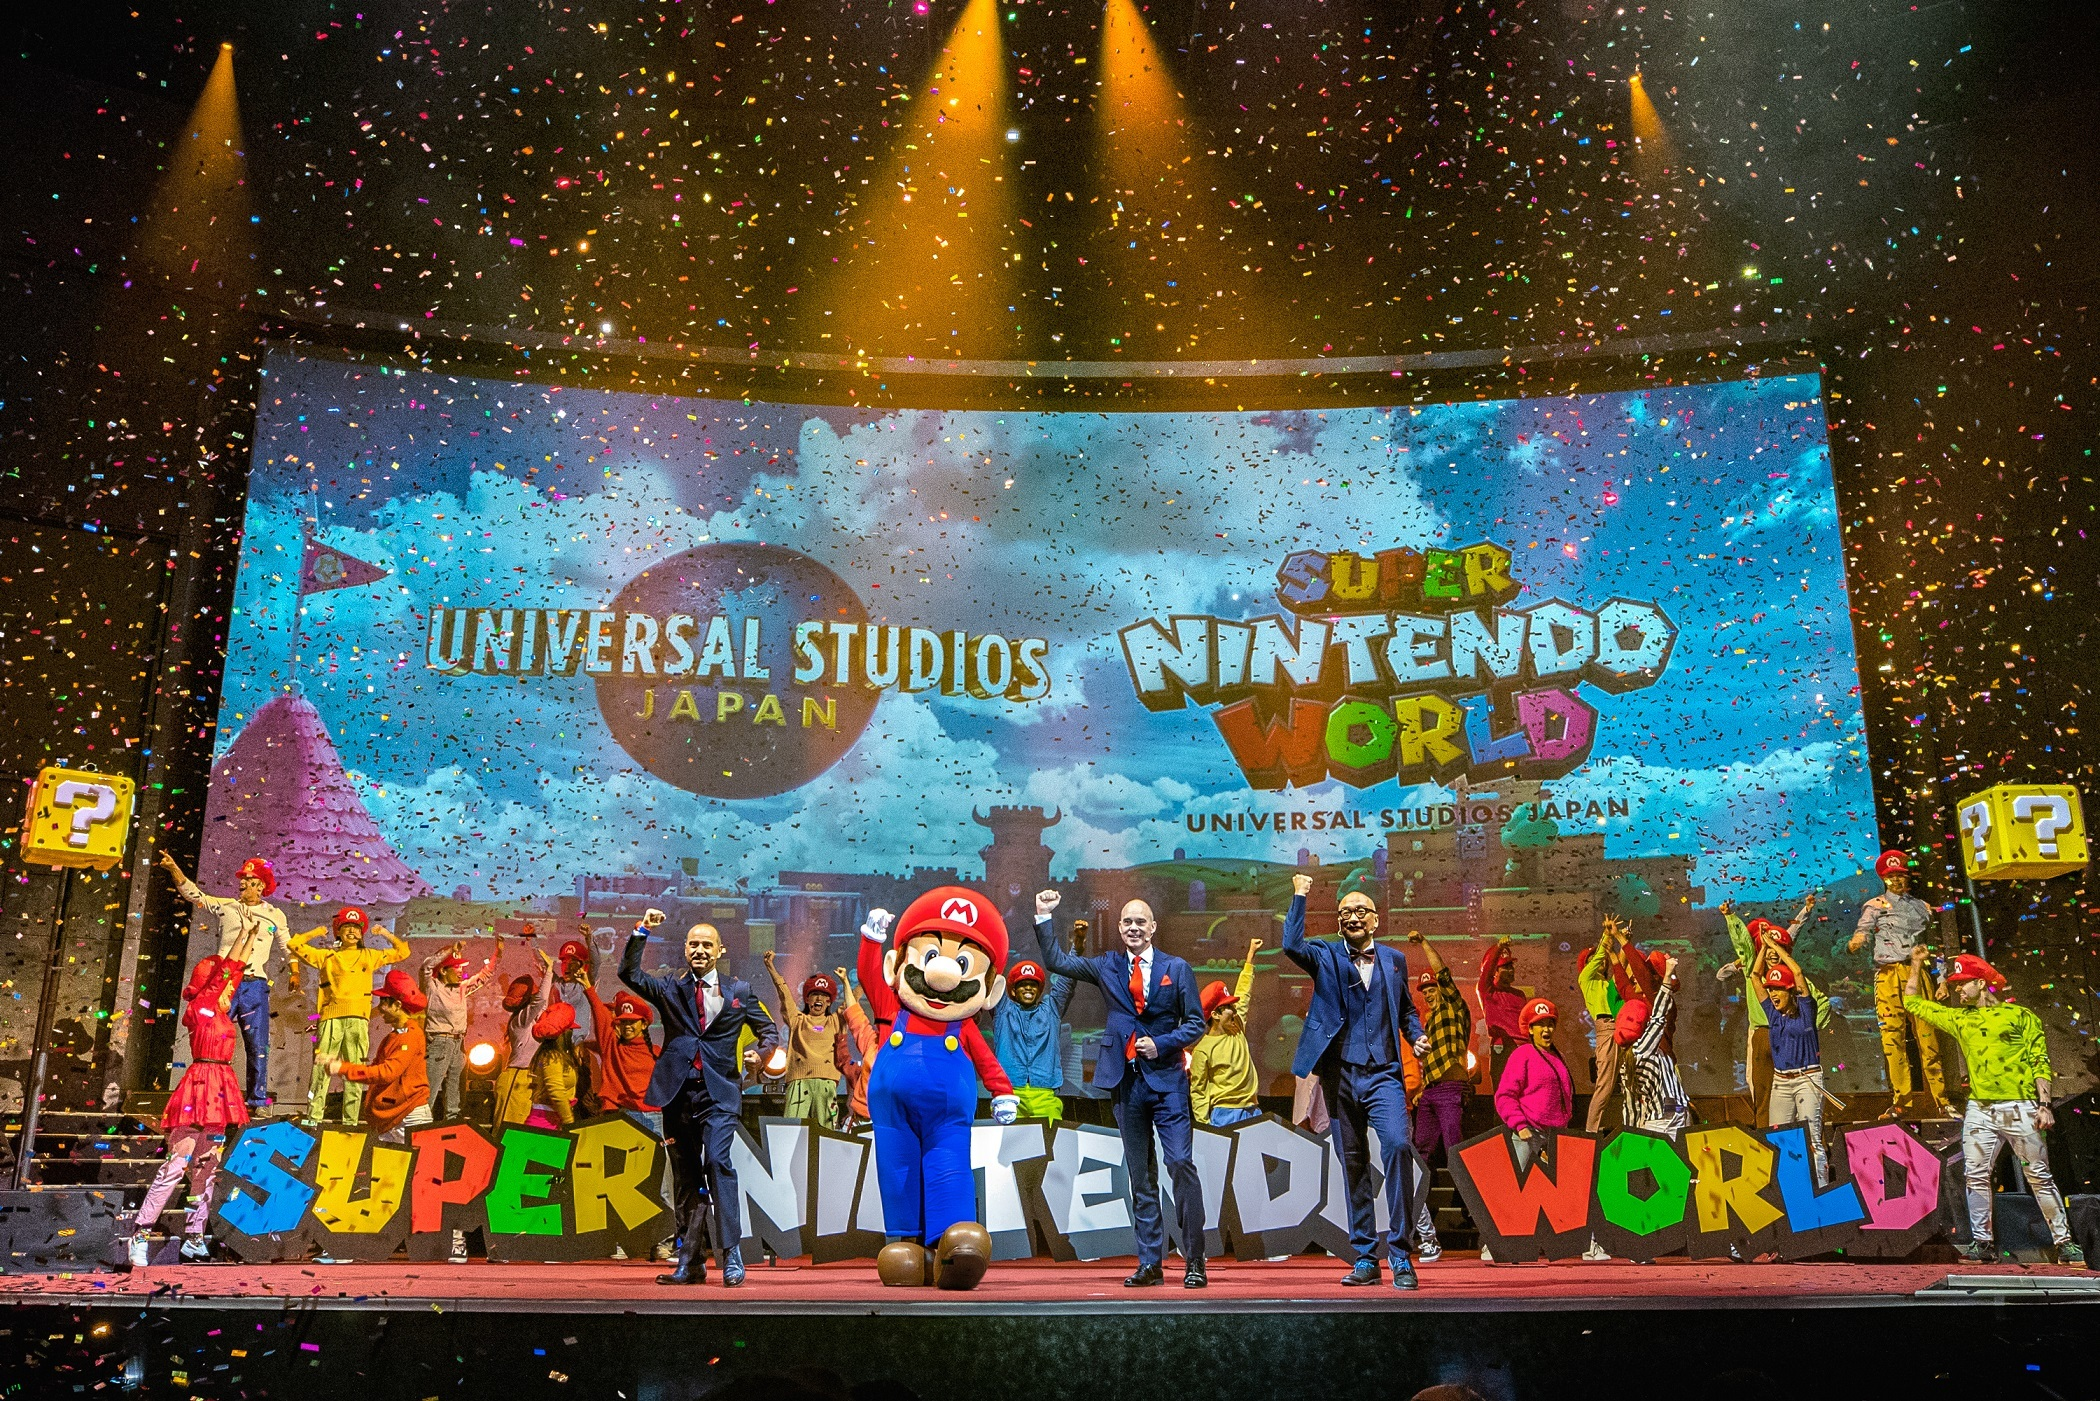 ユニバーサル スタジオ ジャパンが任天堂エリアの開業を延期へ